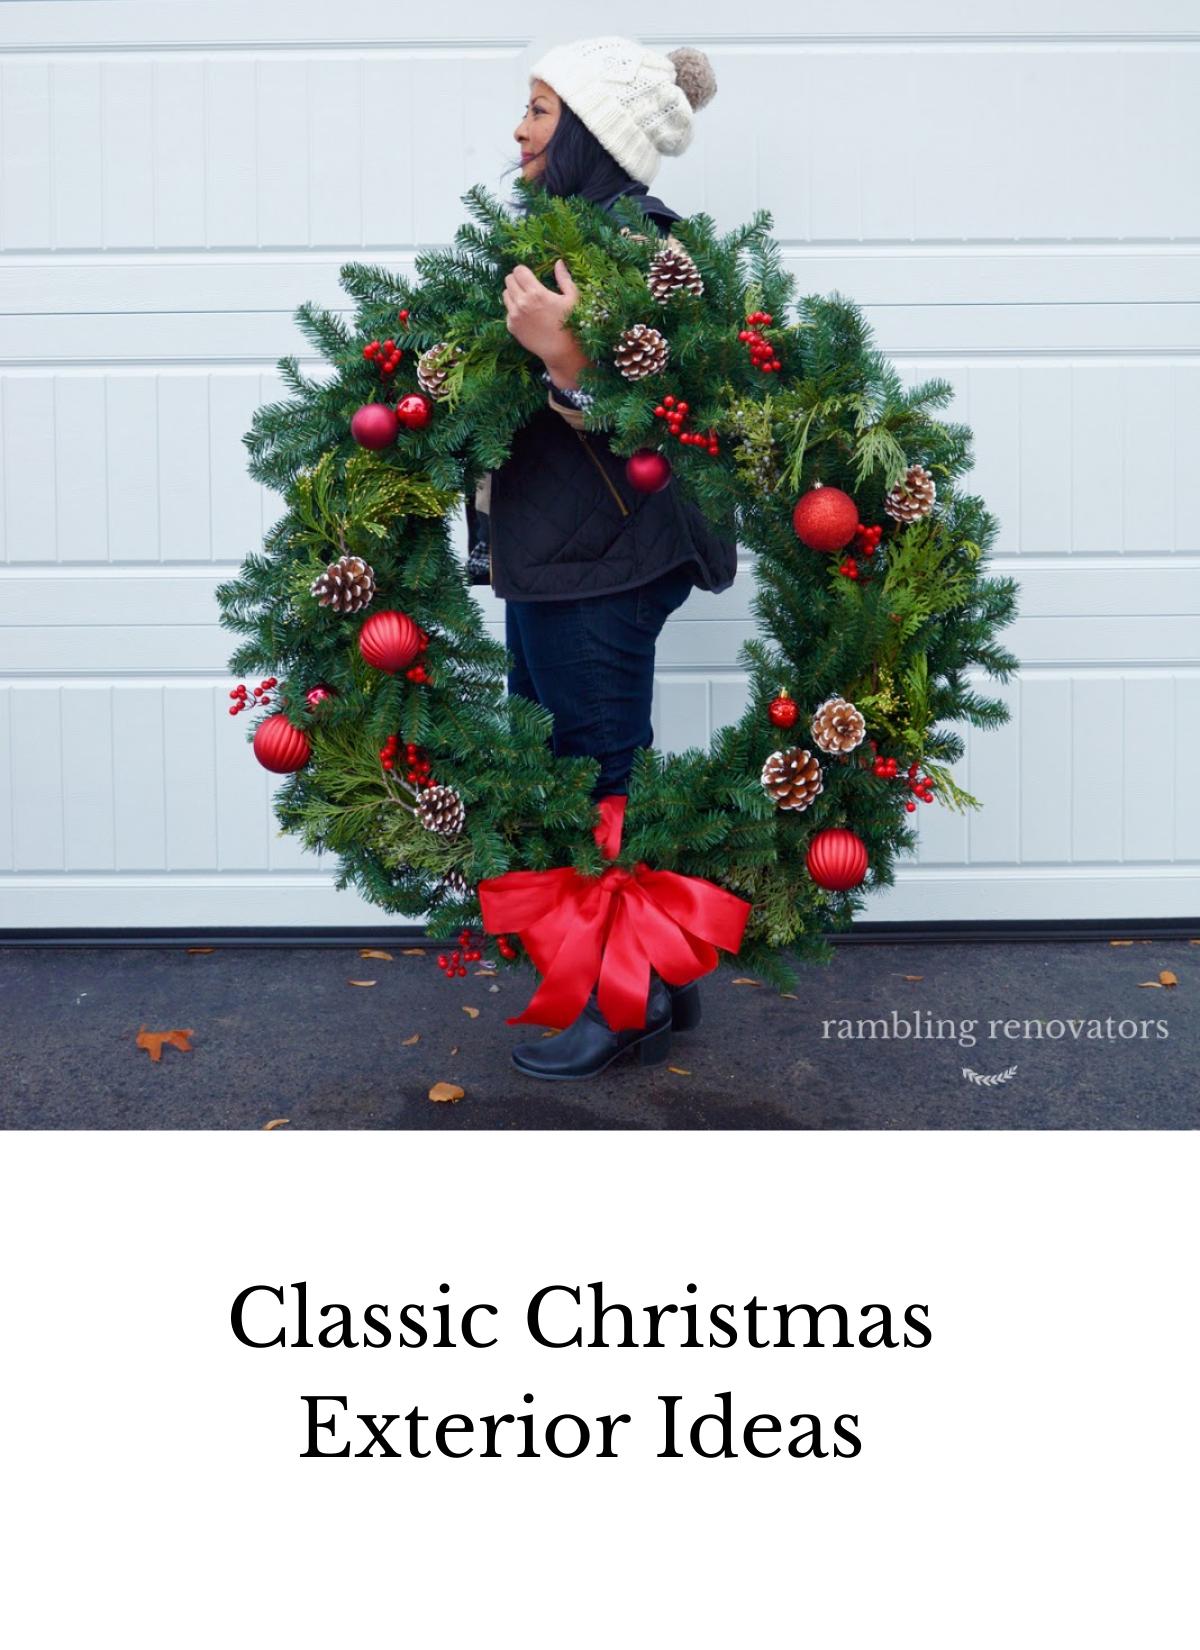 classic christmas exterior decor ideas